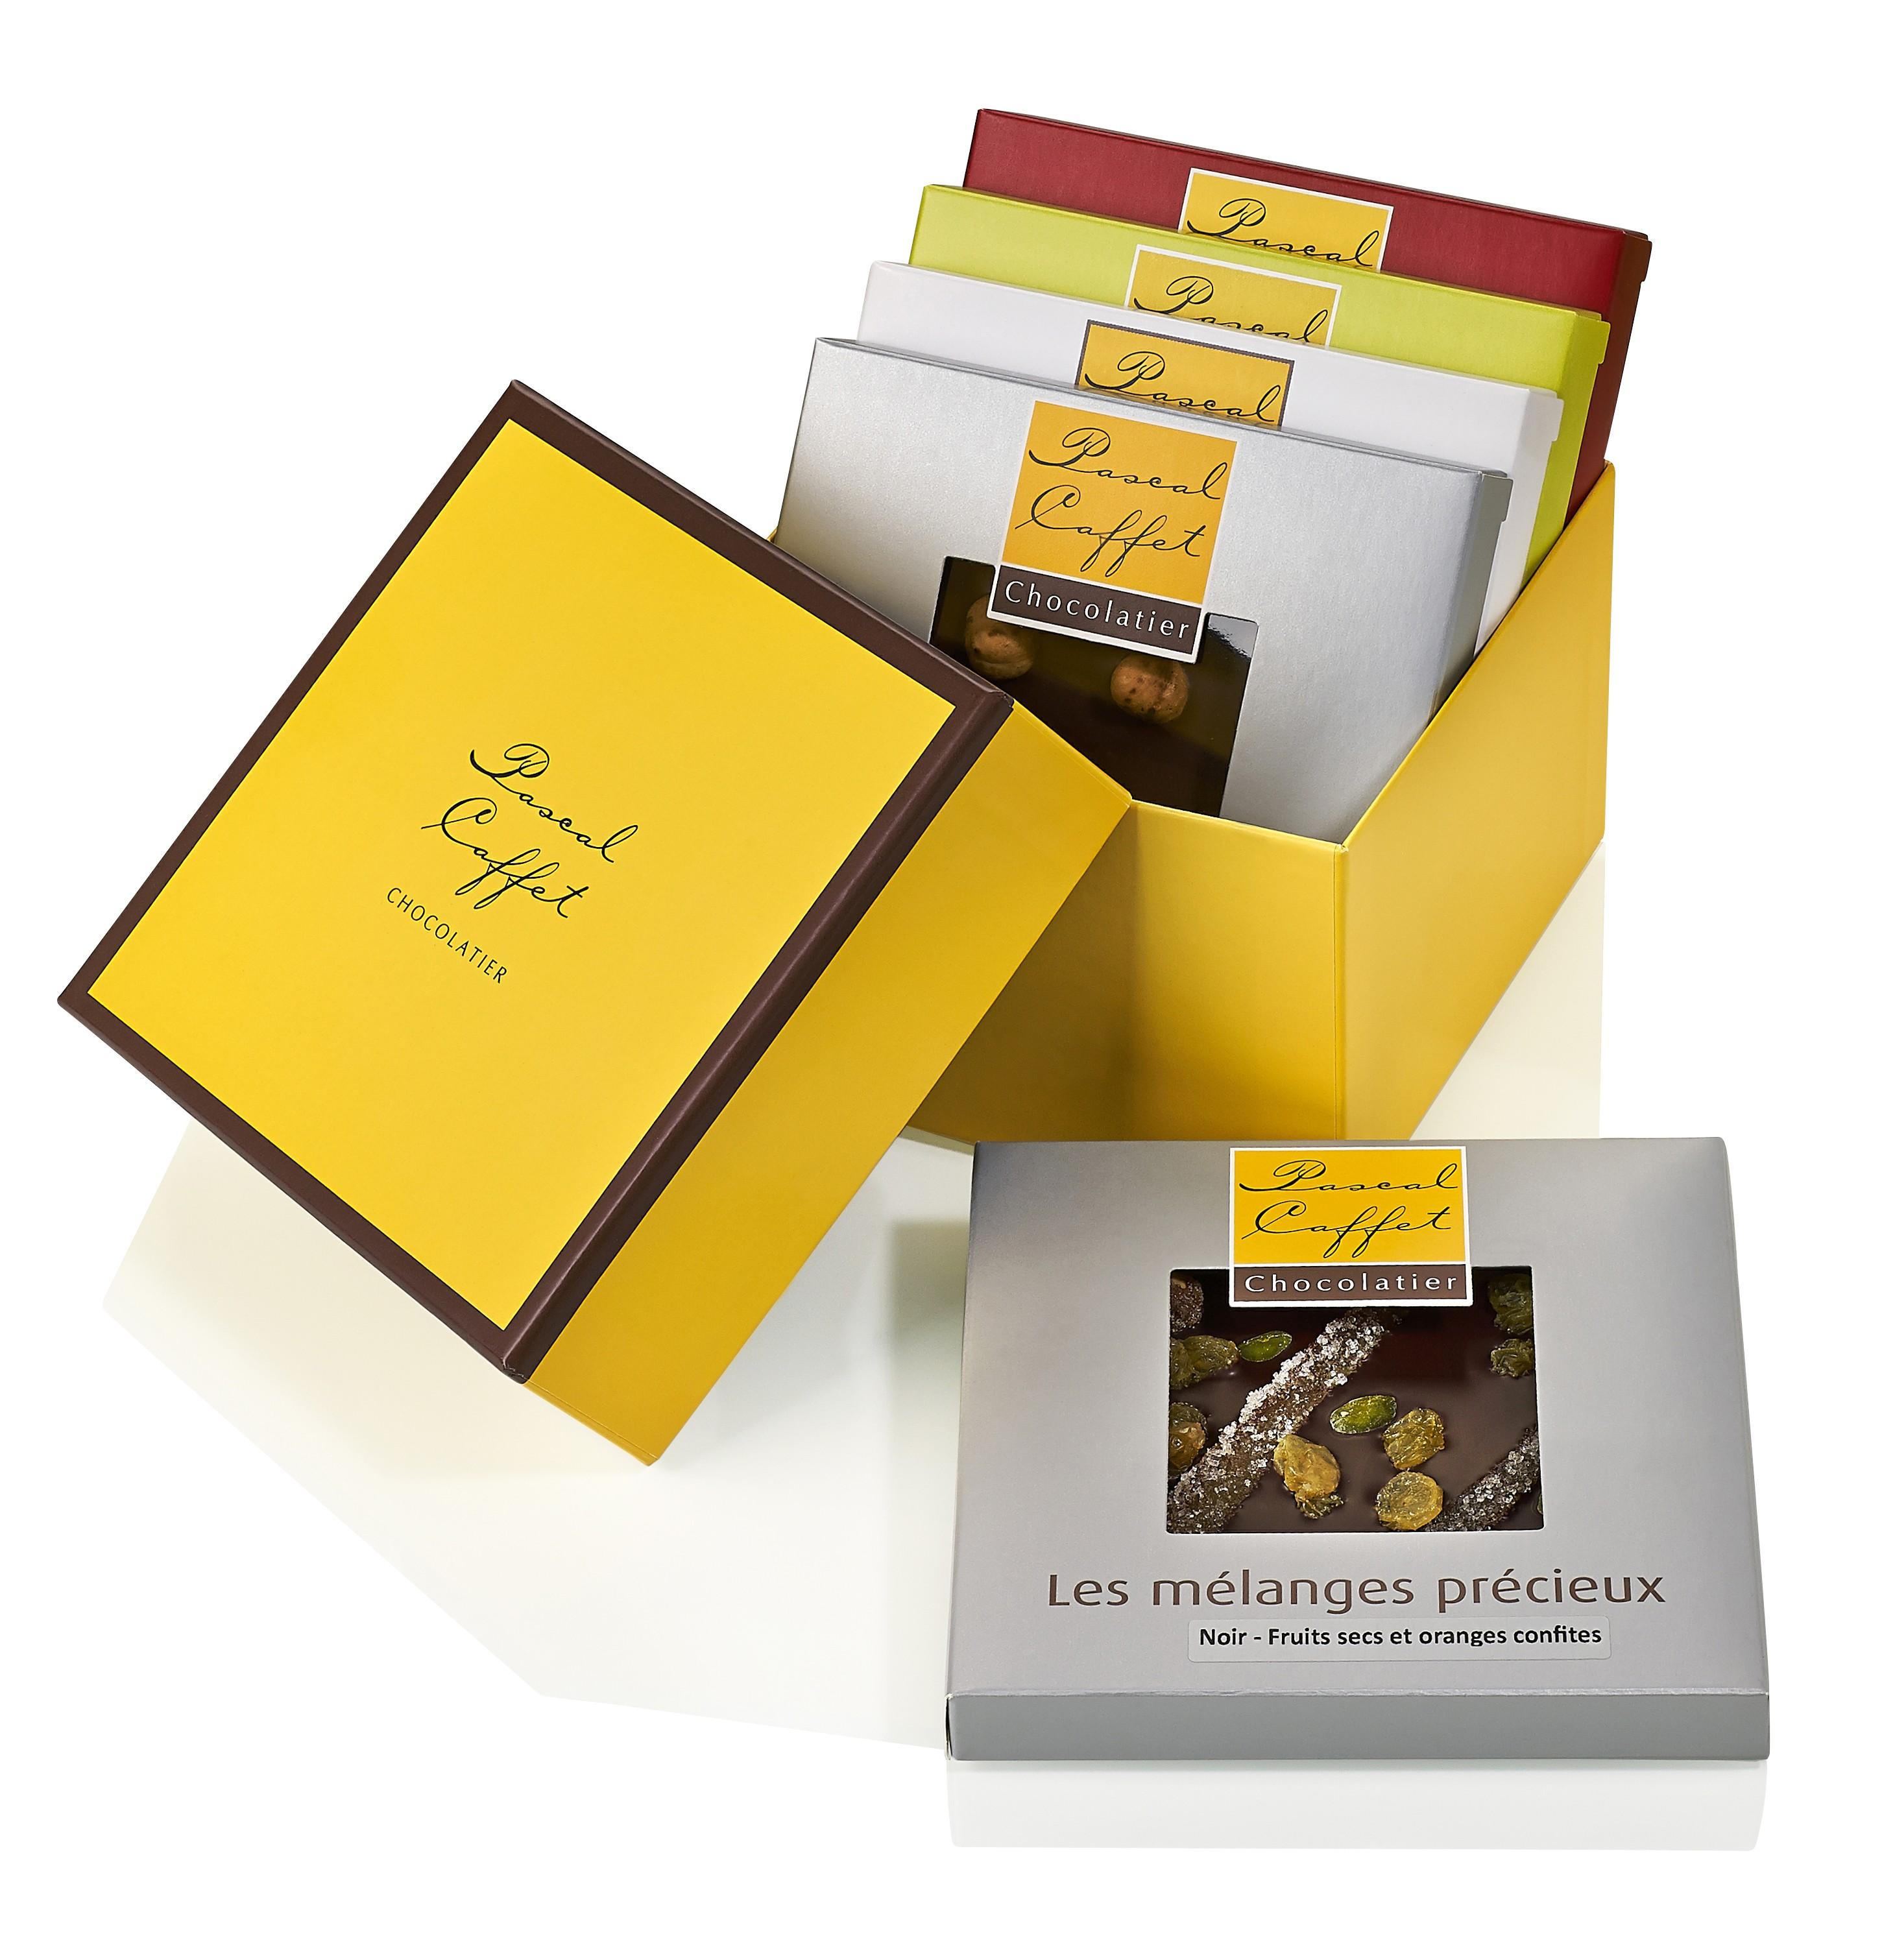 Le chocolat, conservation et saveurs !